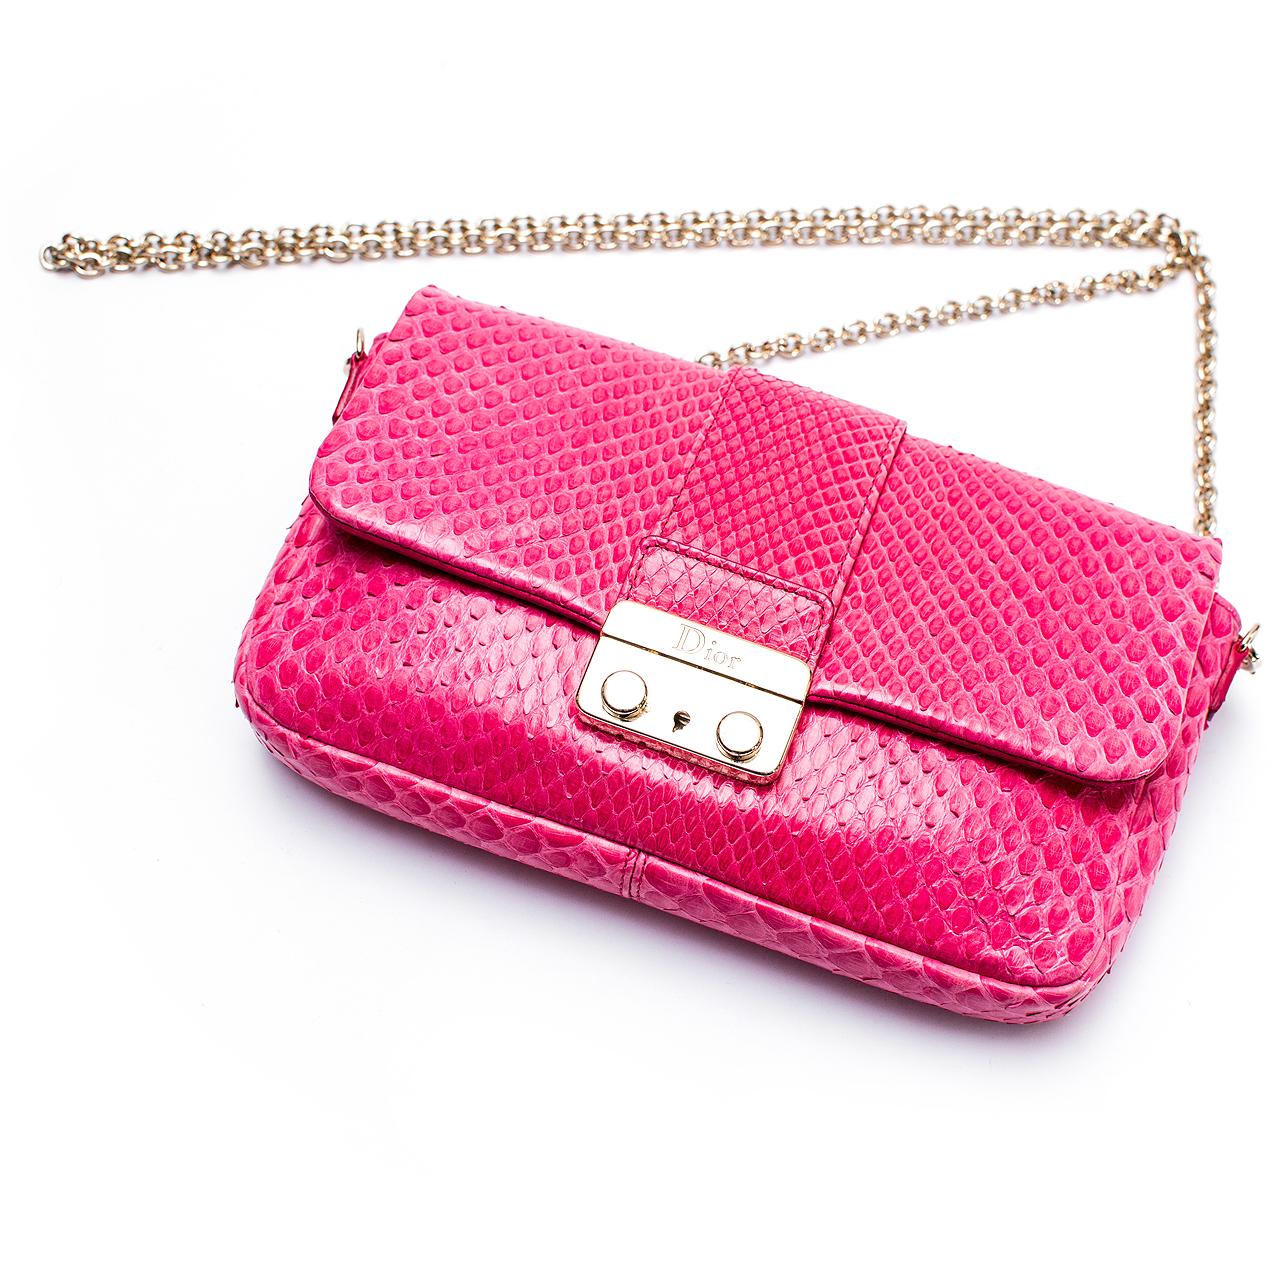 5afed6ff4 Bolsa Dior New Look Python Promenade | Box de Grife